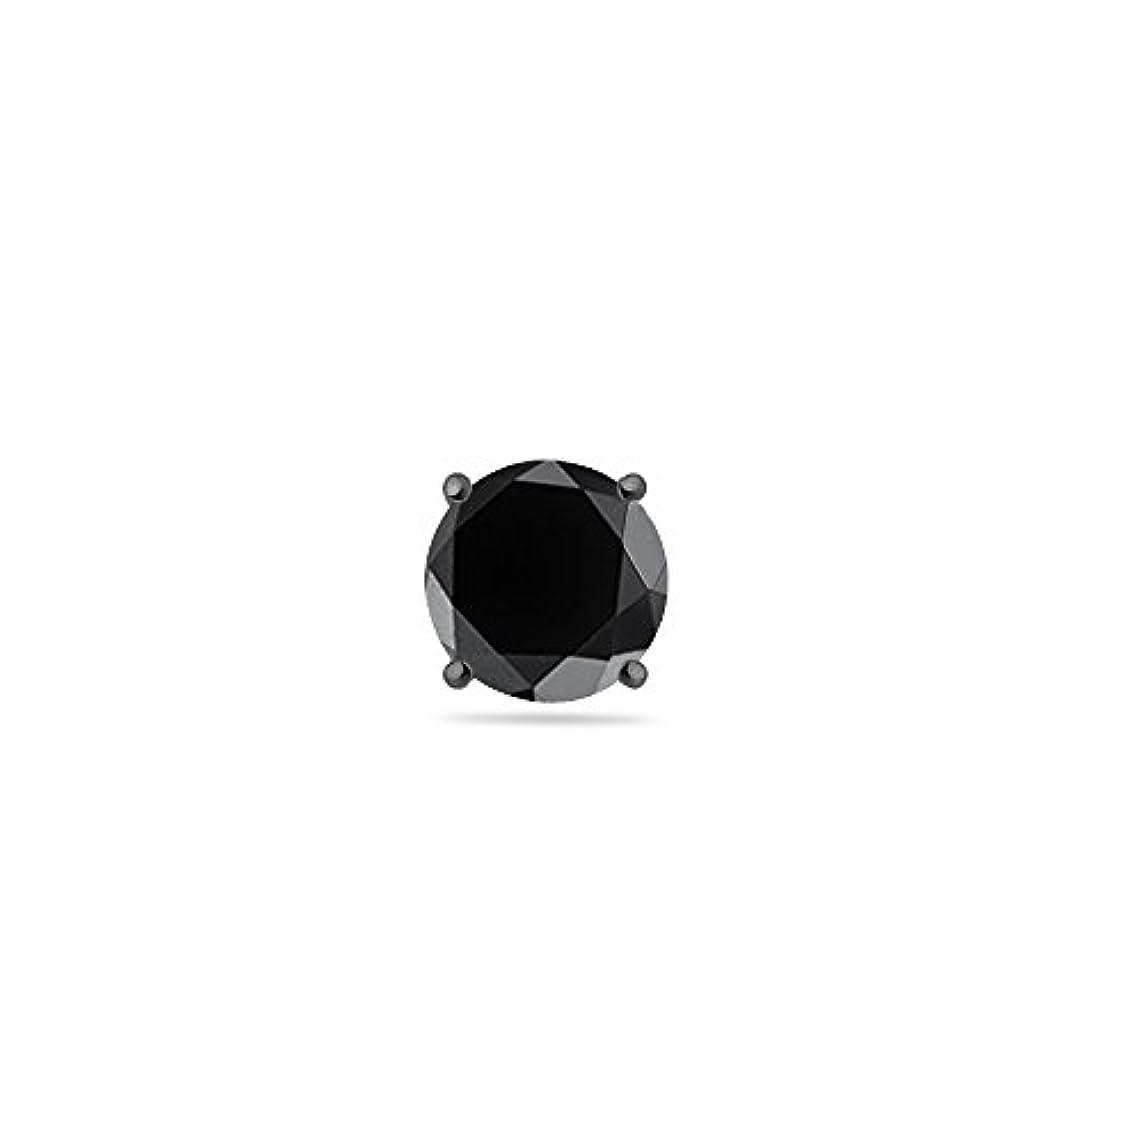 破滅愛撫過度にクリスマスDeal – 3 / 4 ( 0.71 – 0.80 ) CTSの5.34 – 6.01 MM AAラウンドブラックダイヤモンドメンズスタッドイヤリングで14 K Blackenedホワイトゴールド